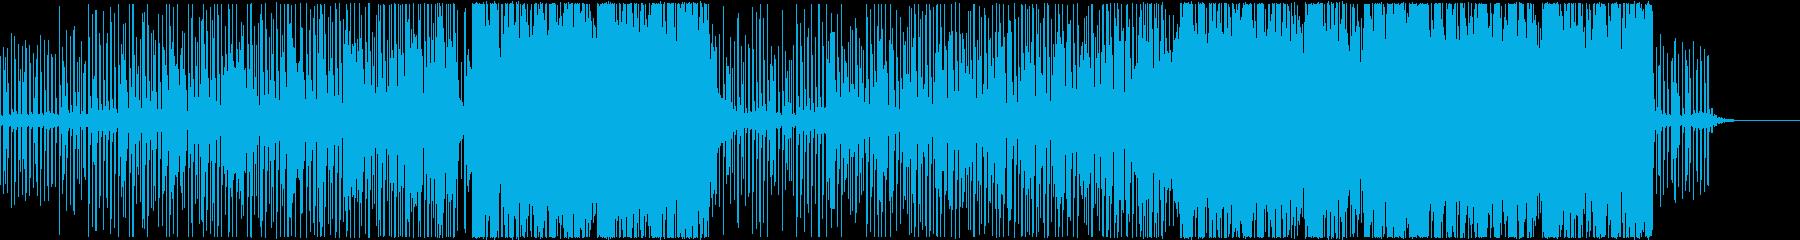 Future Bassぽいインスト曲の再生済みの波形